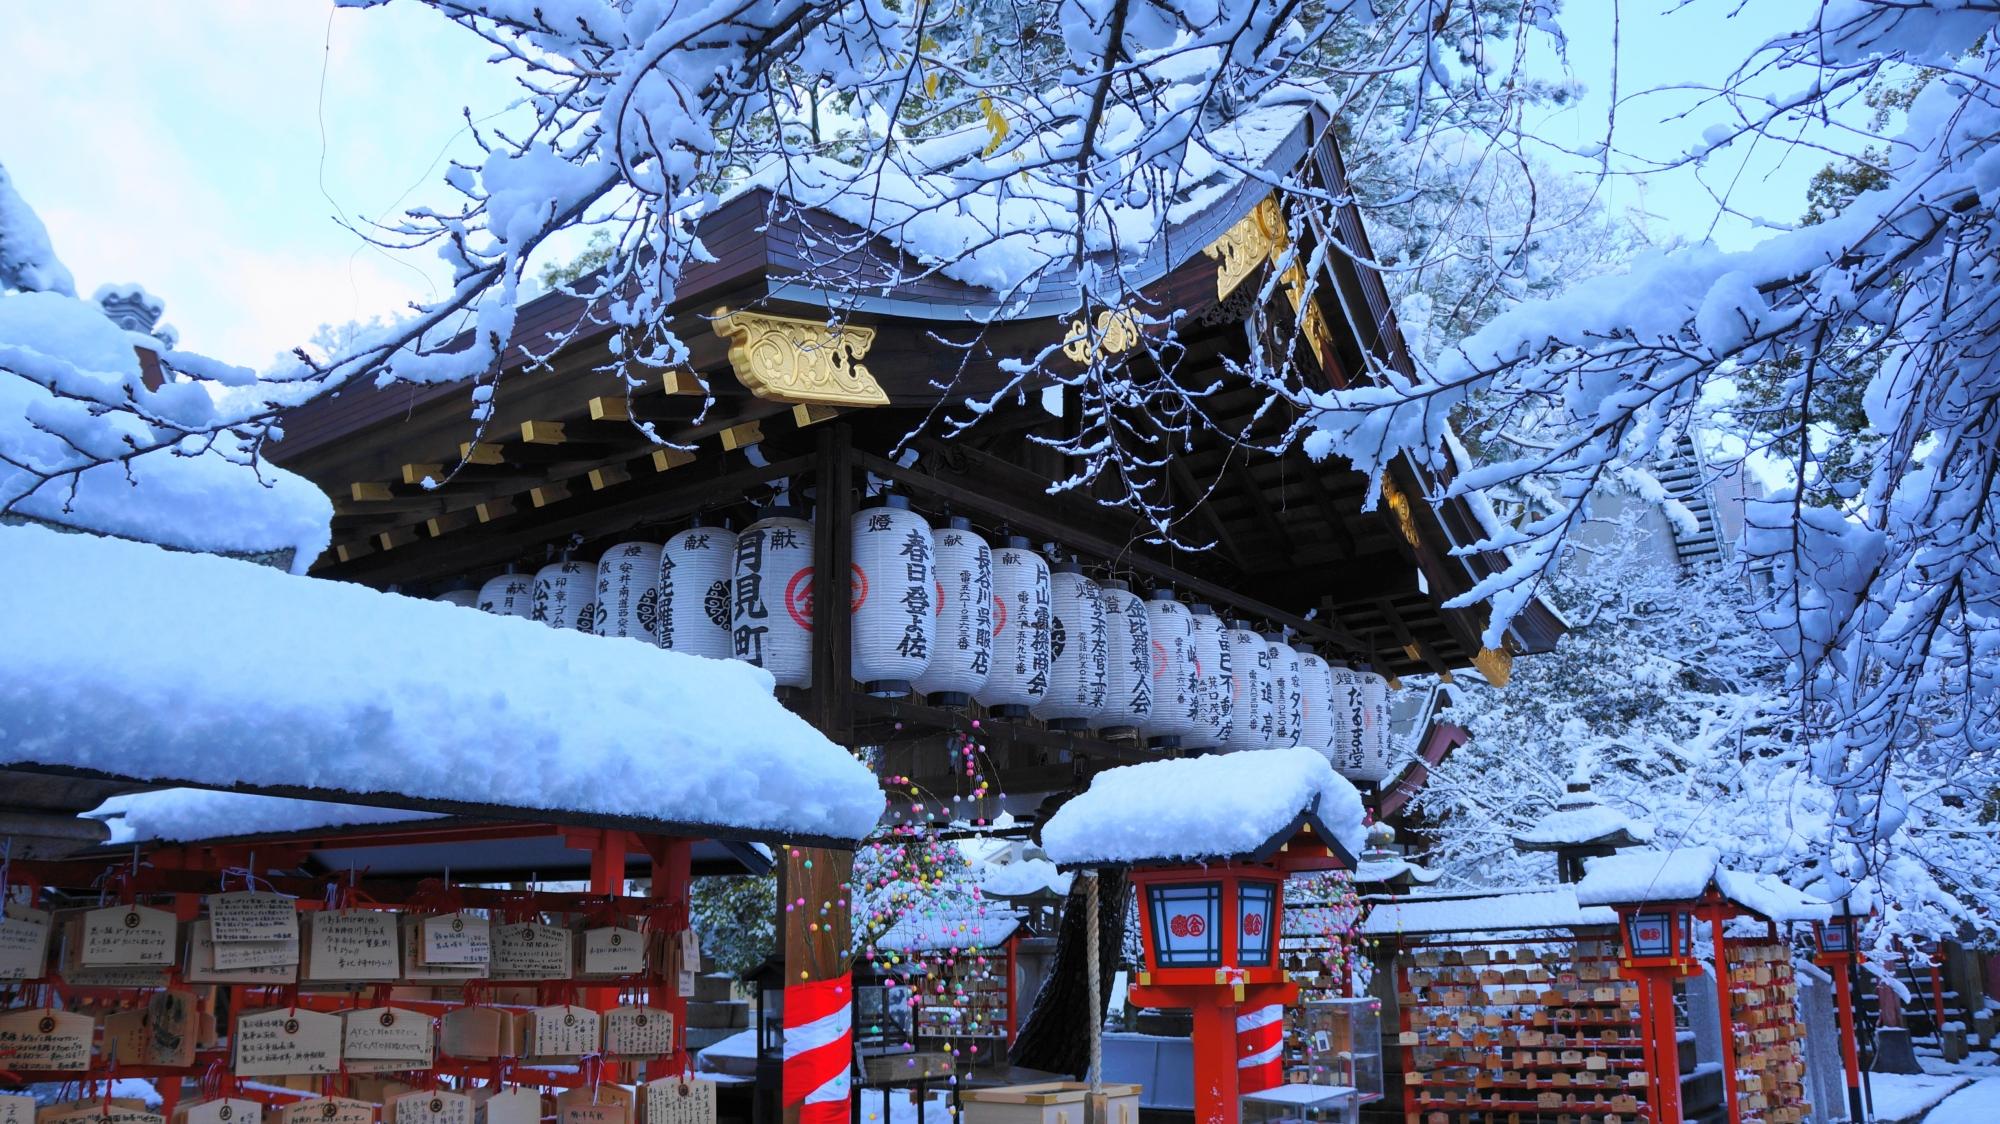 雪がてんこ盛りの安井金比羅宮の拝殿前